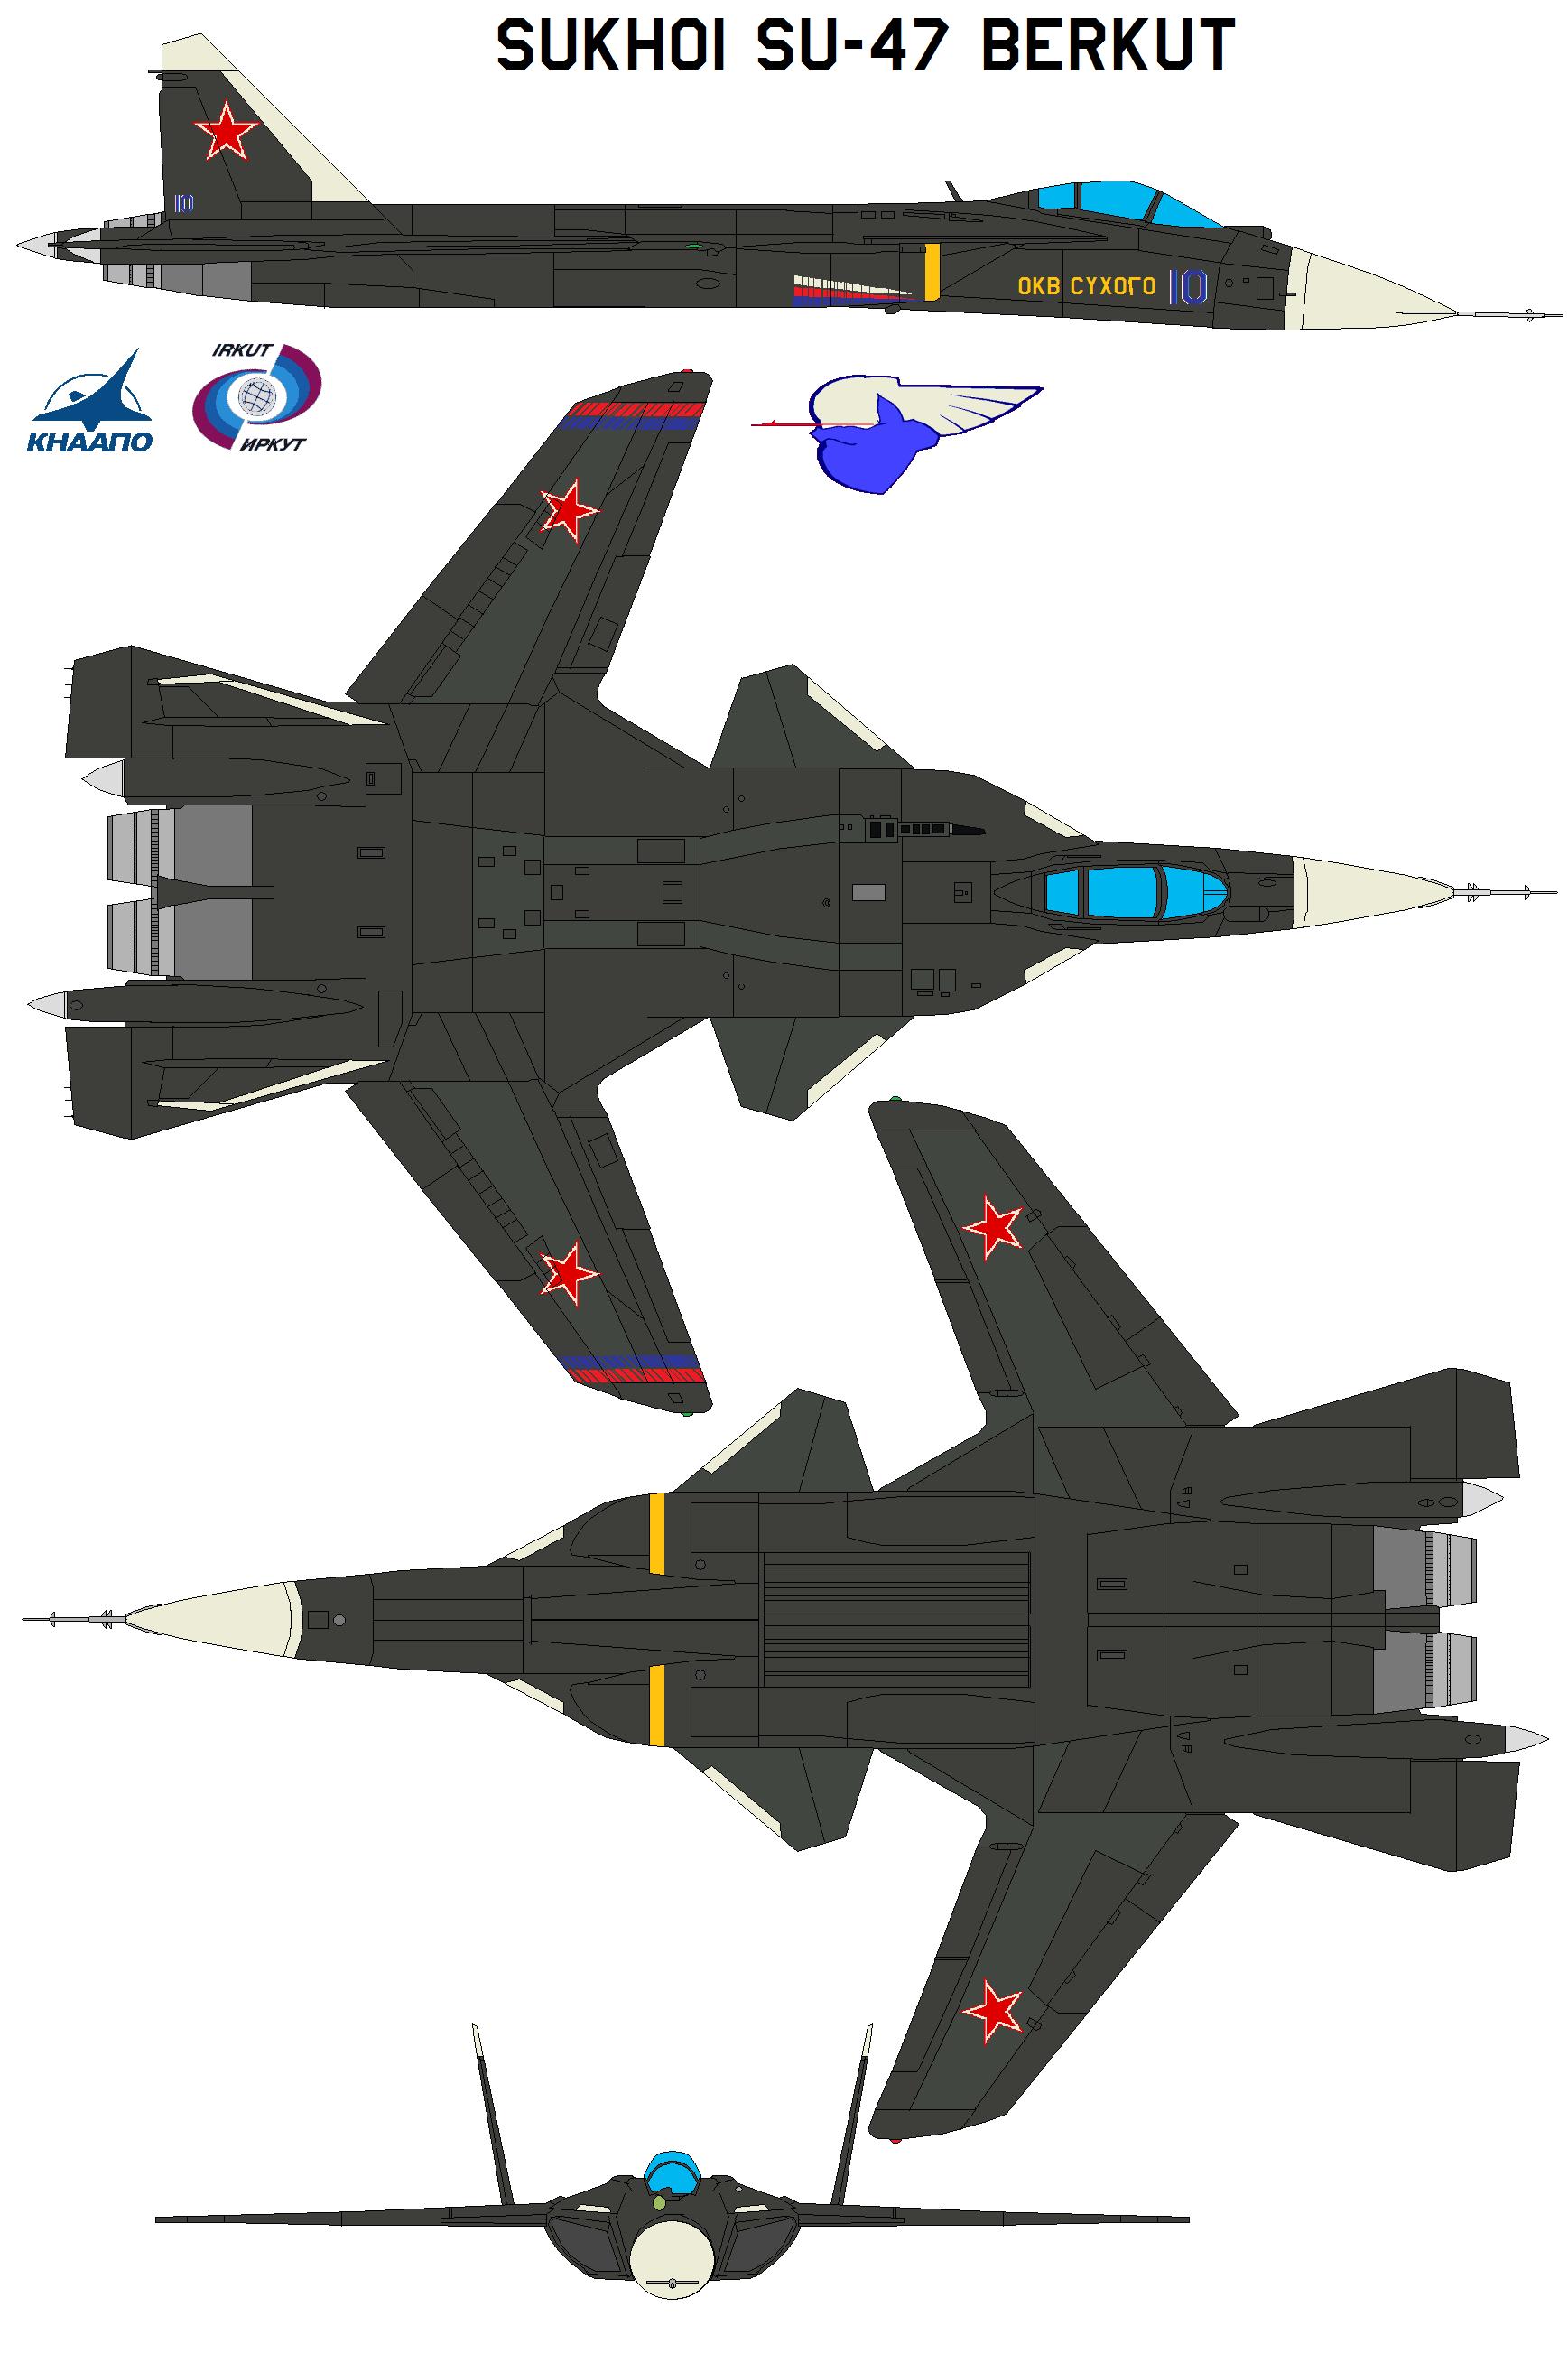 Sukhoi Su-47 Berkut by bagera3005